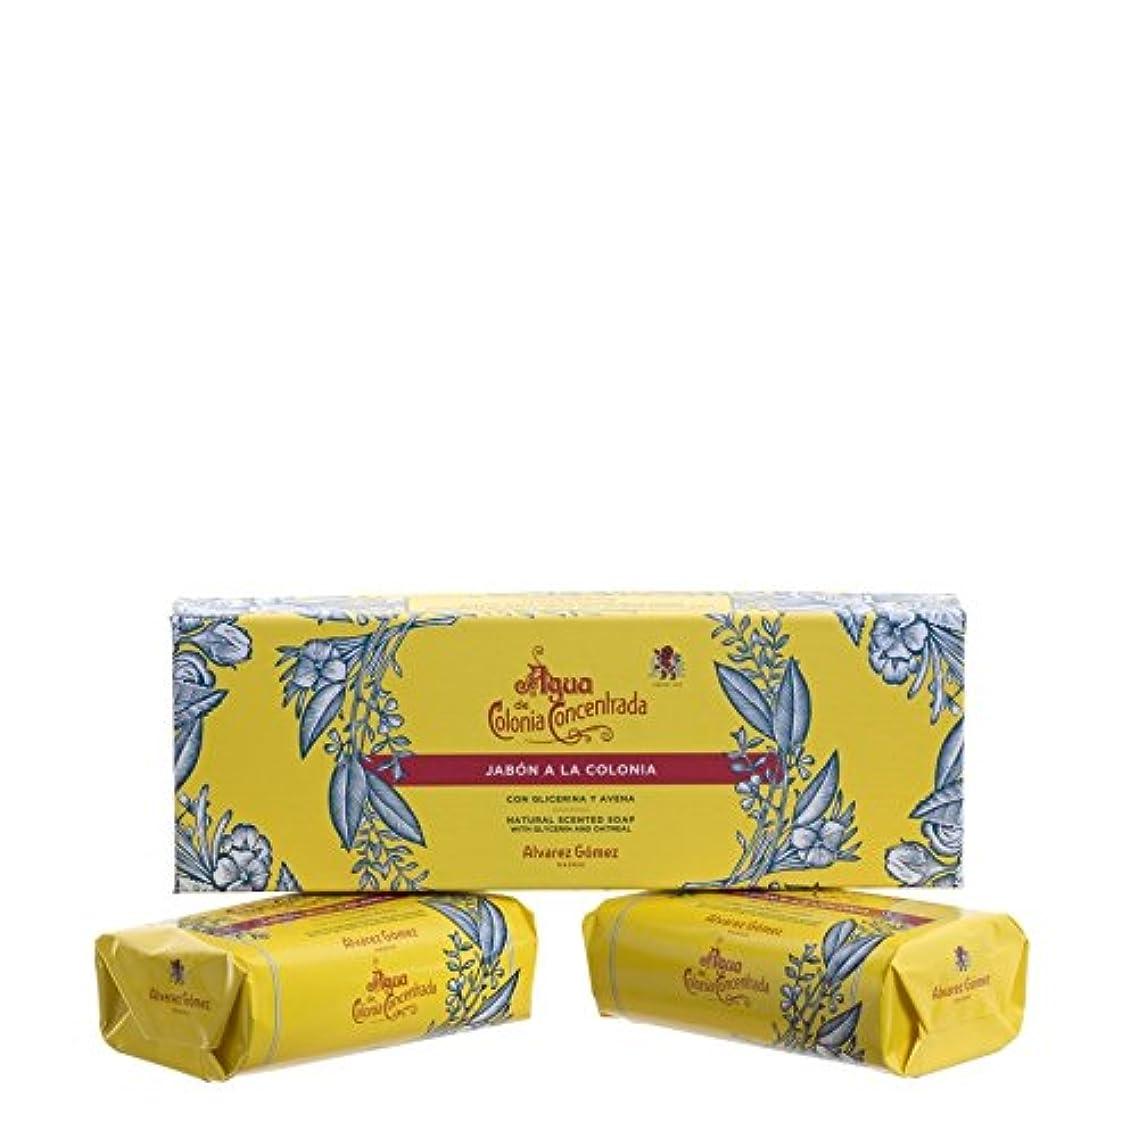 支援する激怒肥満?lvarez G?mez Agua de Colonia Concentrada Soap Set - アルバレスゴメスアグアデコロニア石鹸セット [並行輸入品]